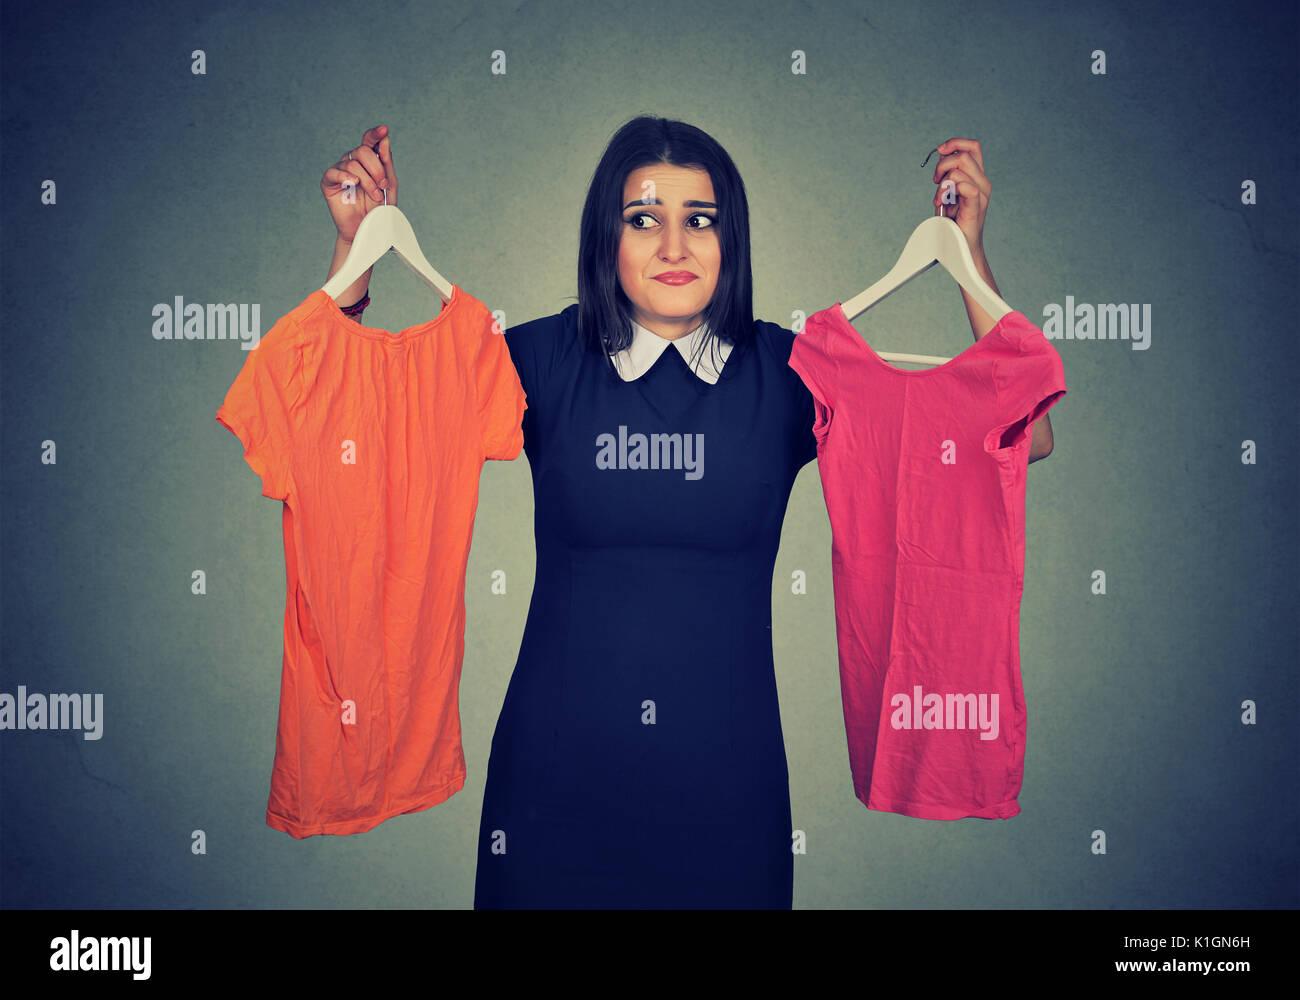 Confuso donna scegliendo tra abiti e non può prendere decisioni. Immagini Stock